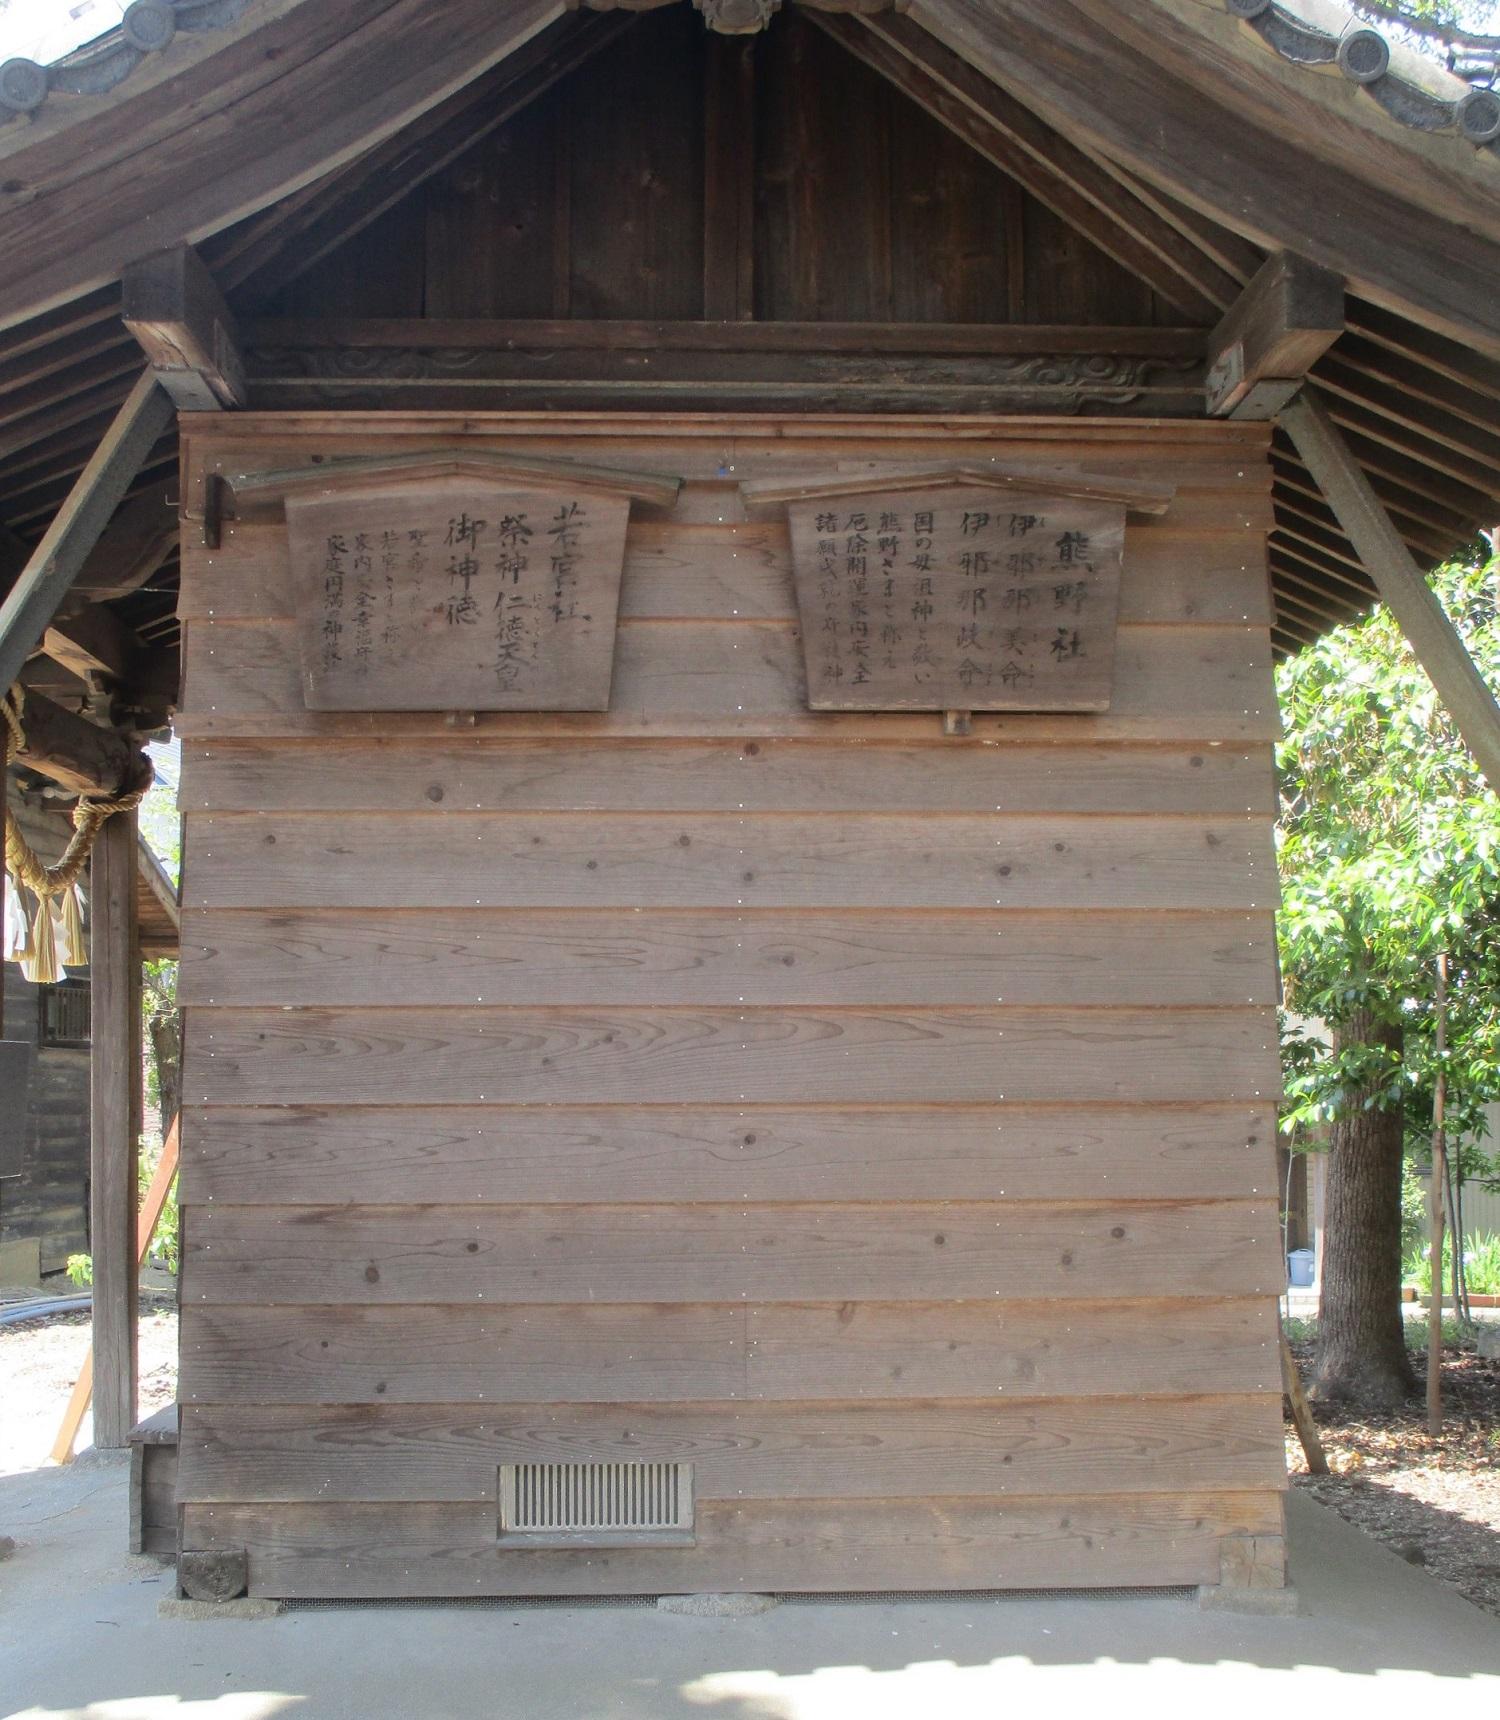 2020.6.17 (5) 古井神社 - 若宮八幡社と熊野社 1500-1720